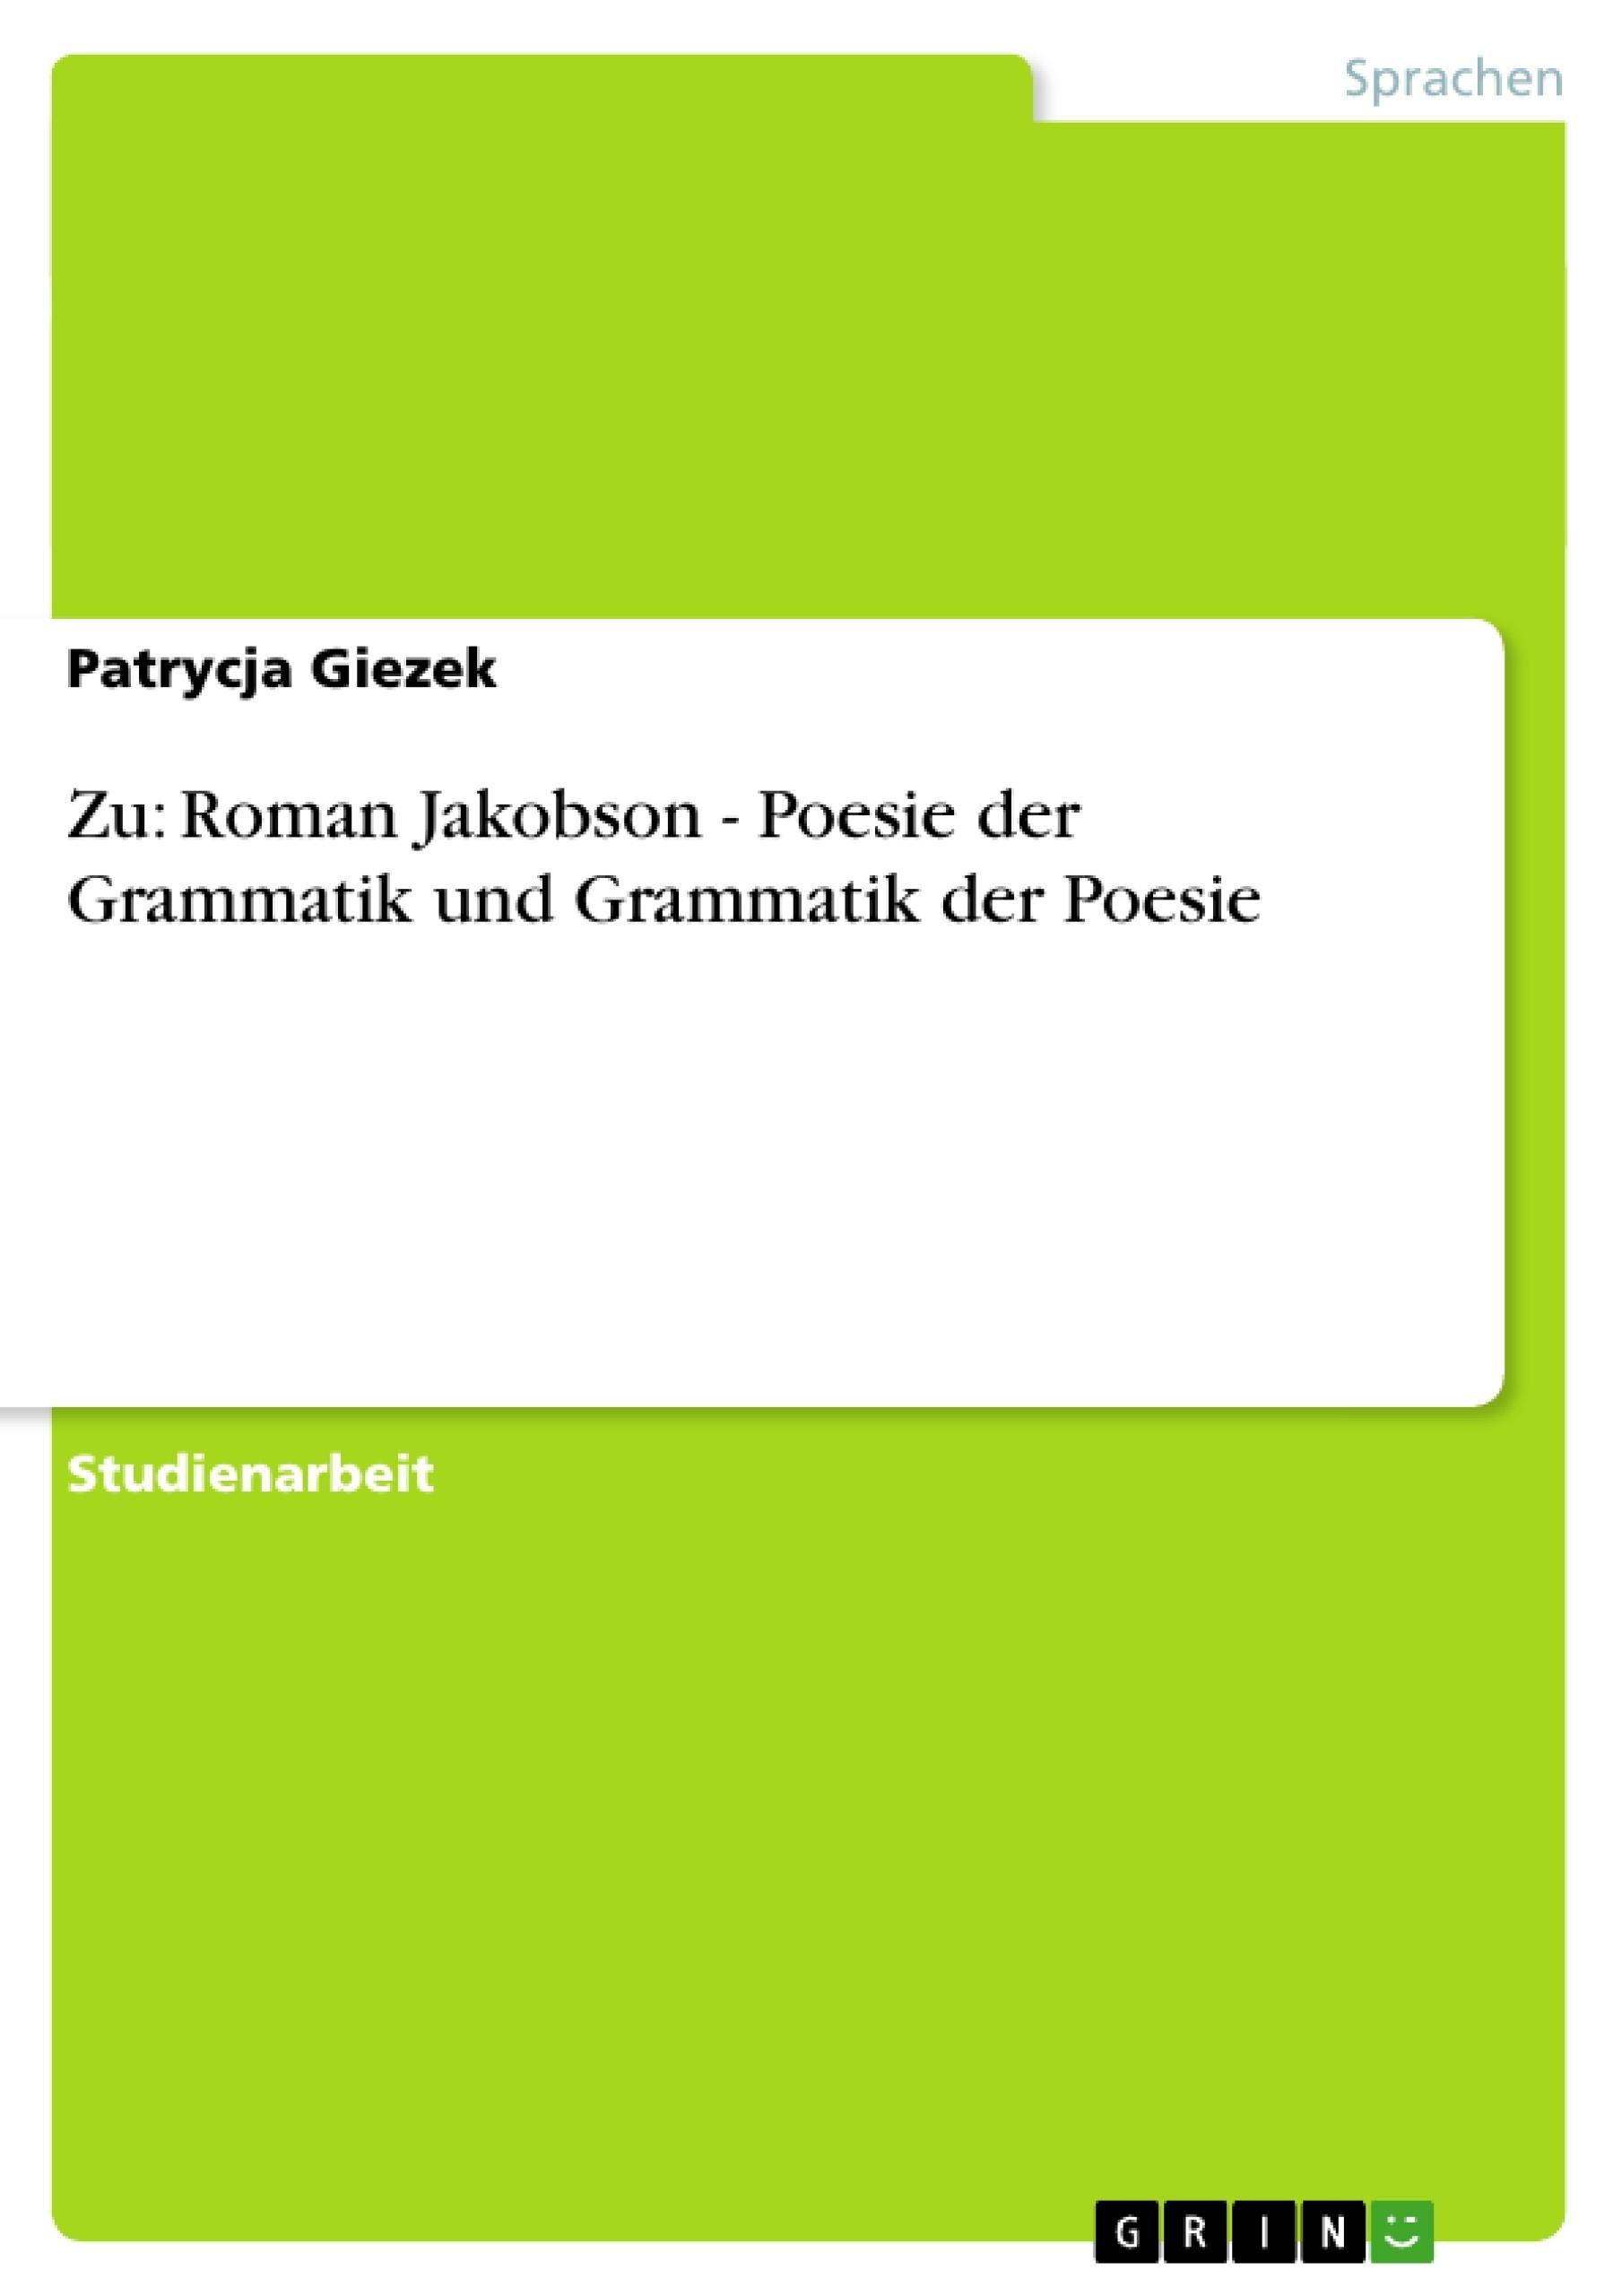 Titel: Zu: Roman Jakobson - Poesie der Grammatik und Grammatik der Poesie